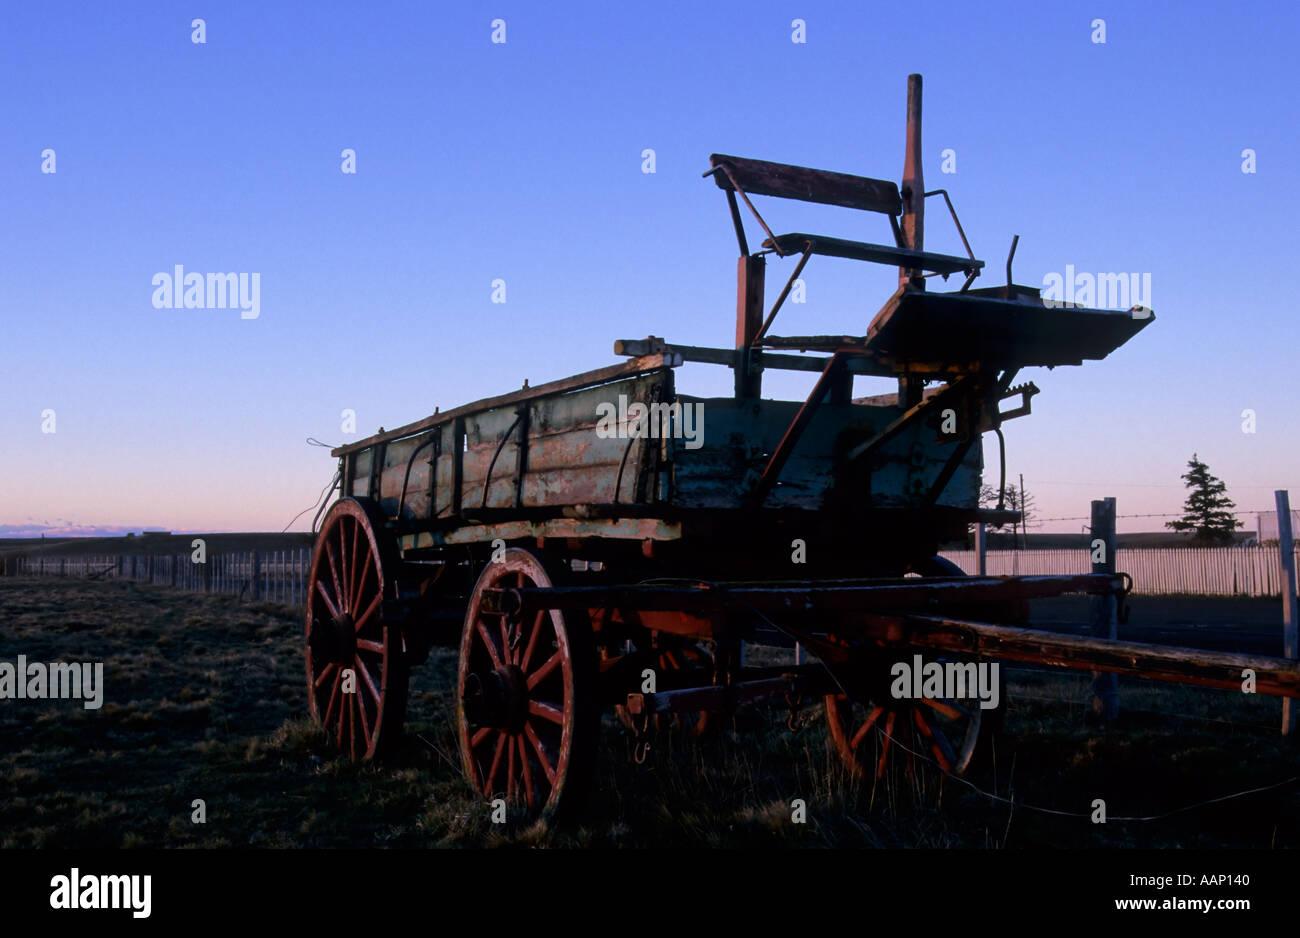 Dawn over an old cart, Estancia Sara, Tierra del Fuego, Argentina